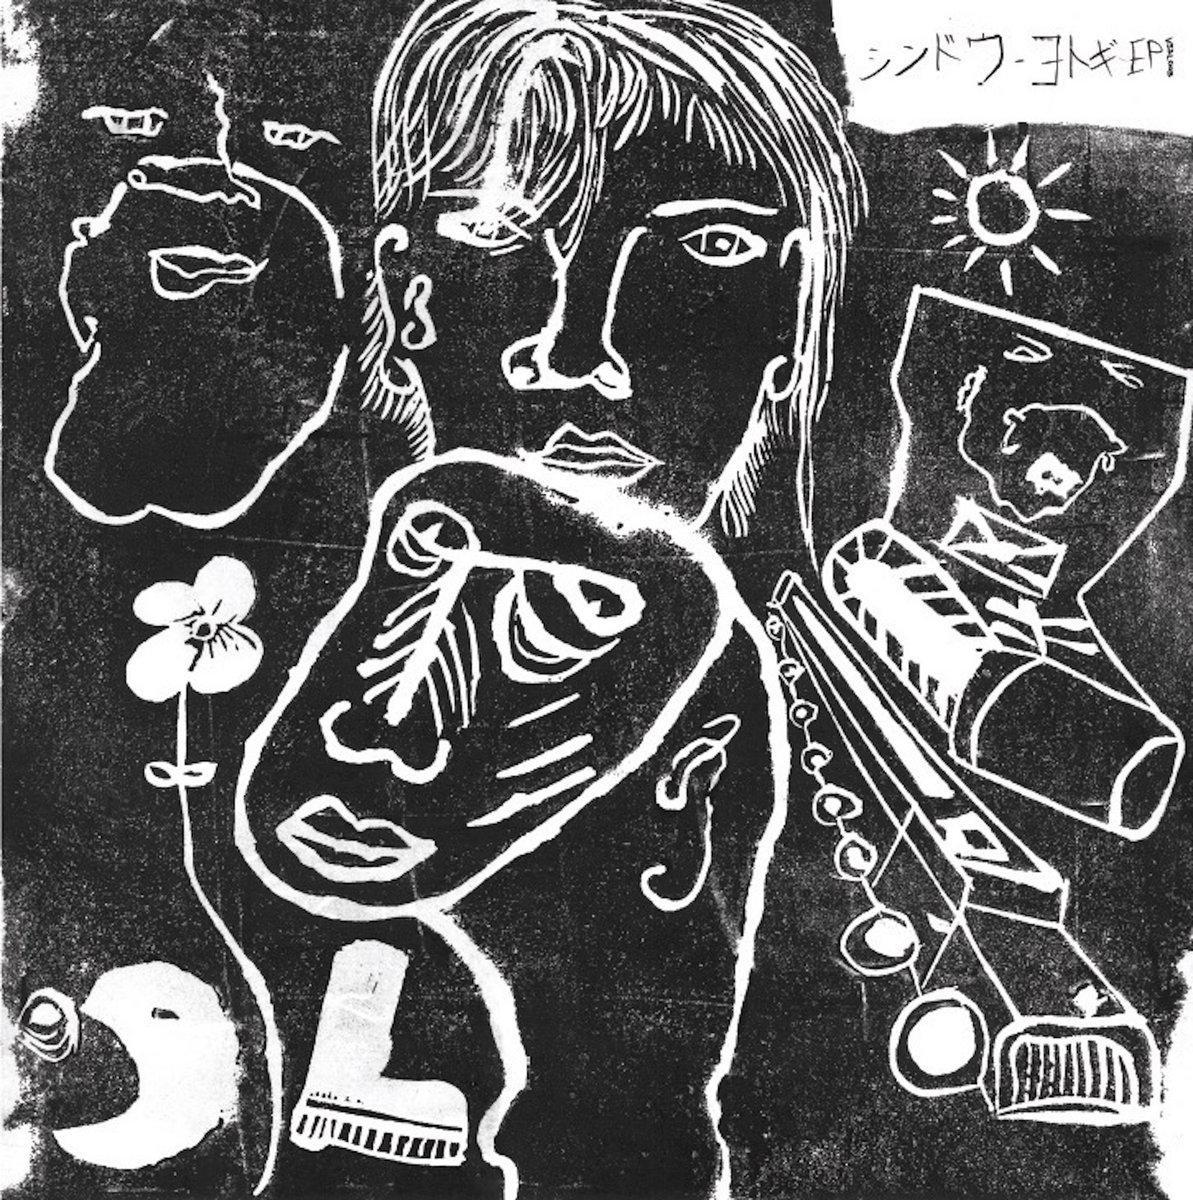 SHINDO - Yotogi : 12inch gallery 3